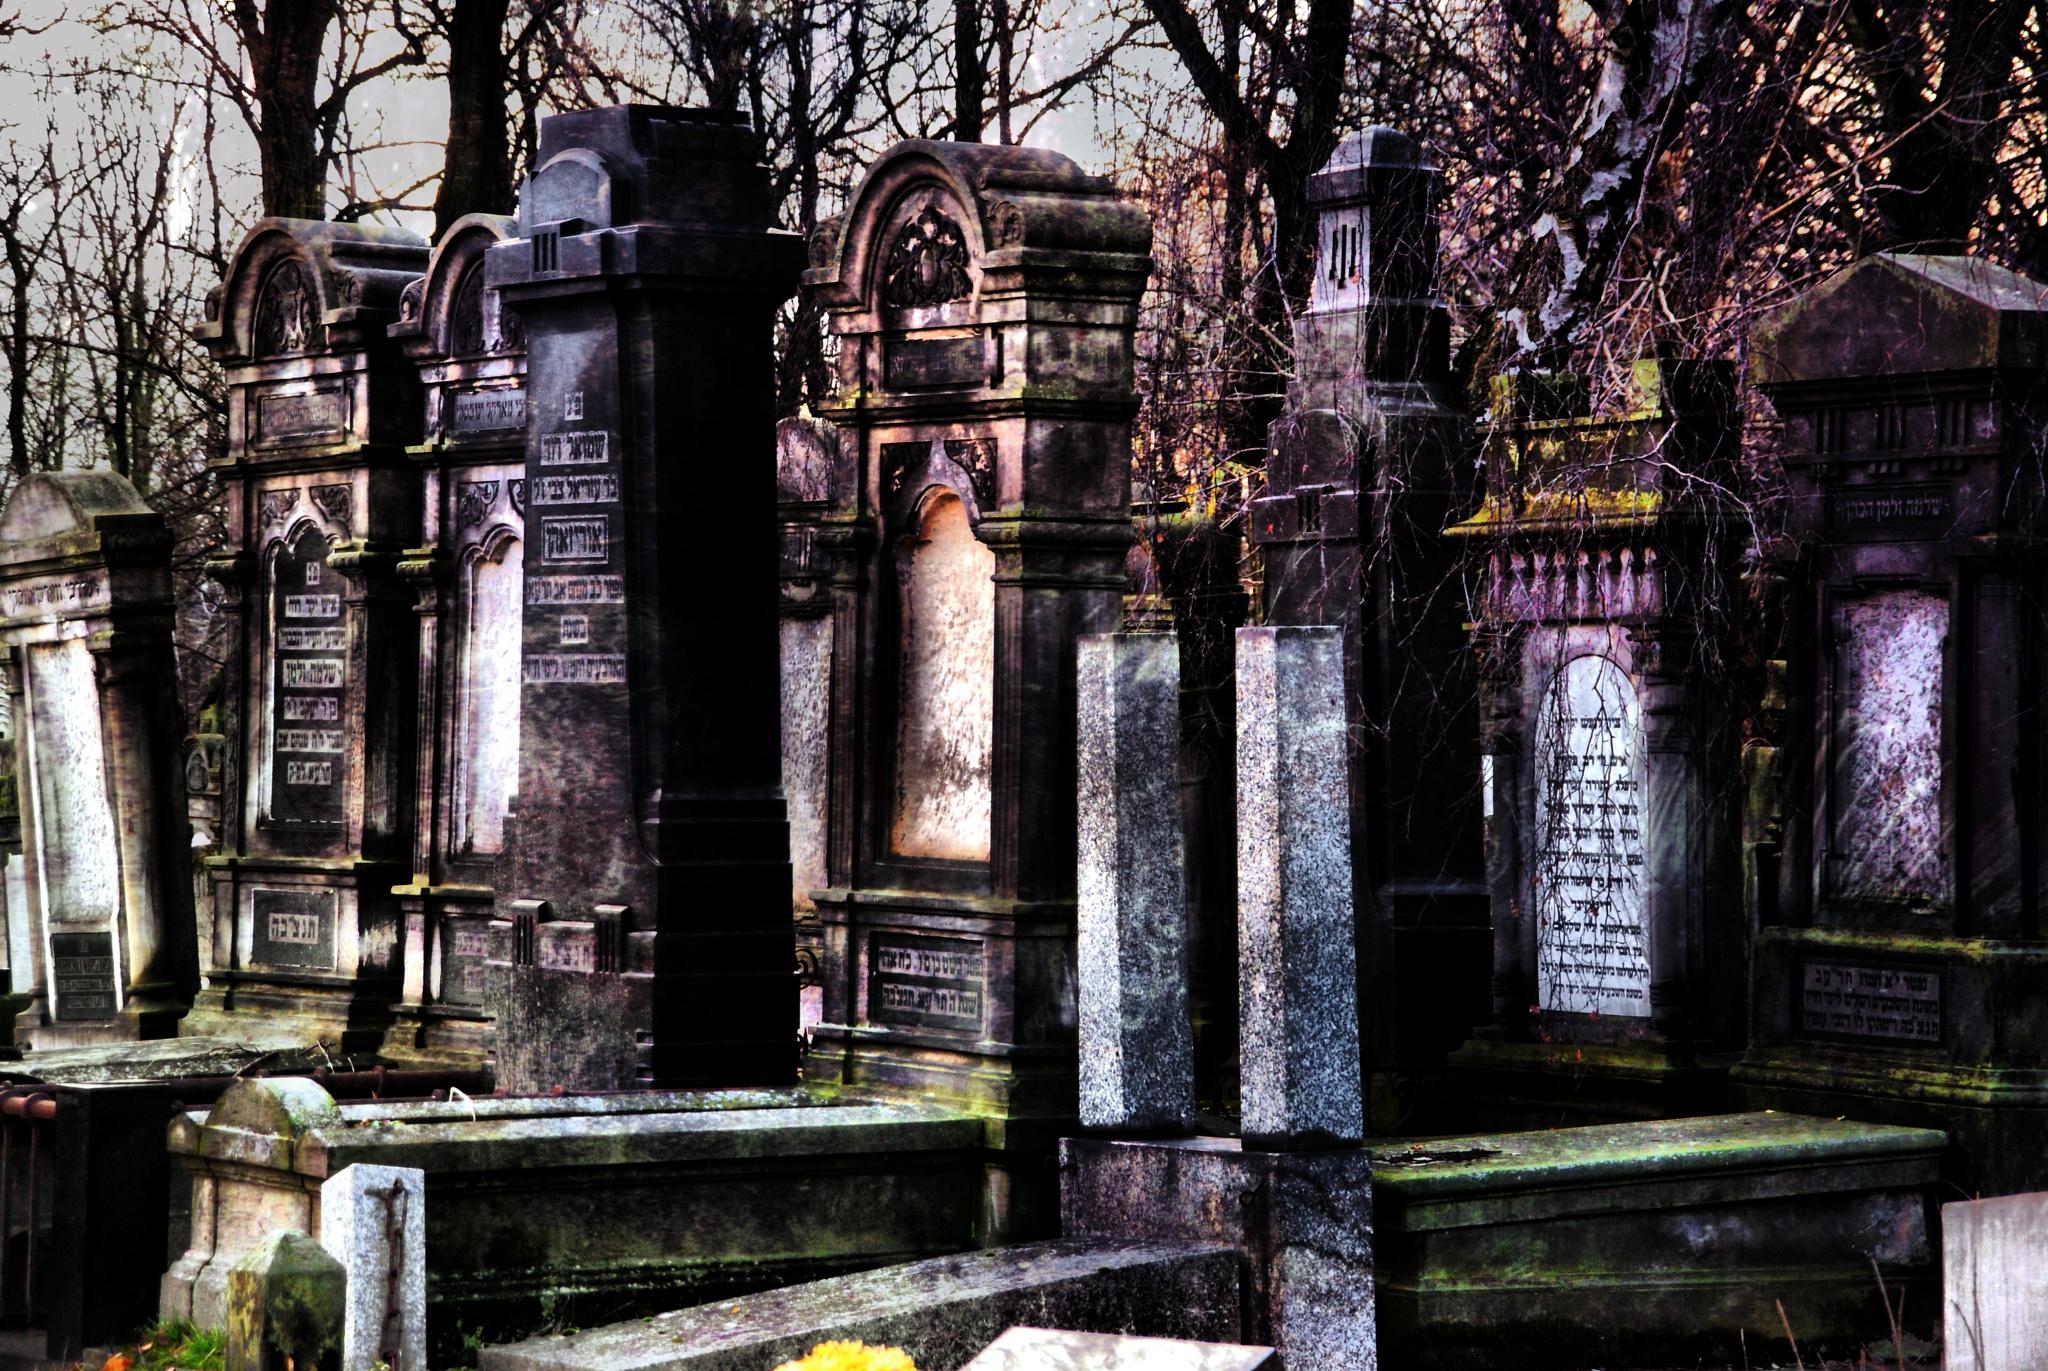 Jewish cemetery in Lodz 3 by piotr.b.tubylec